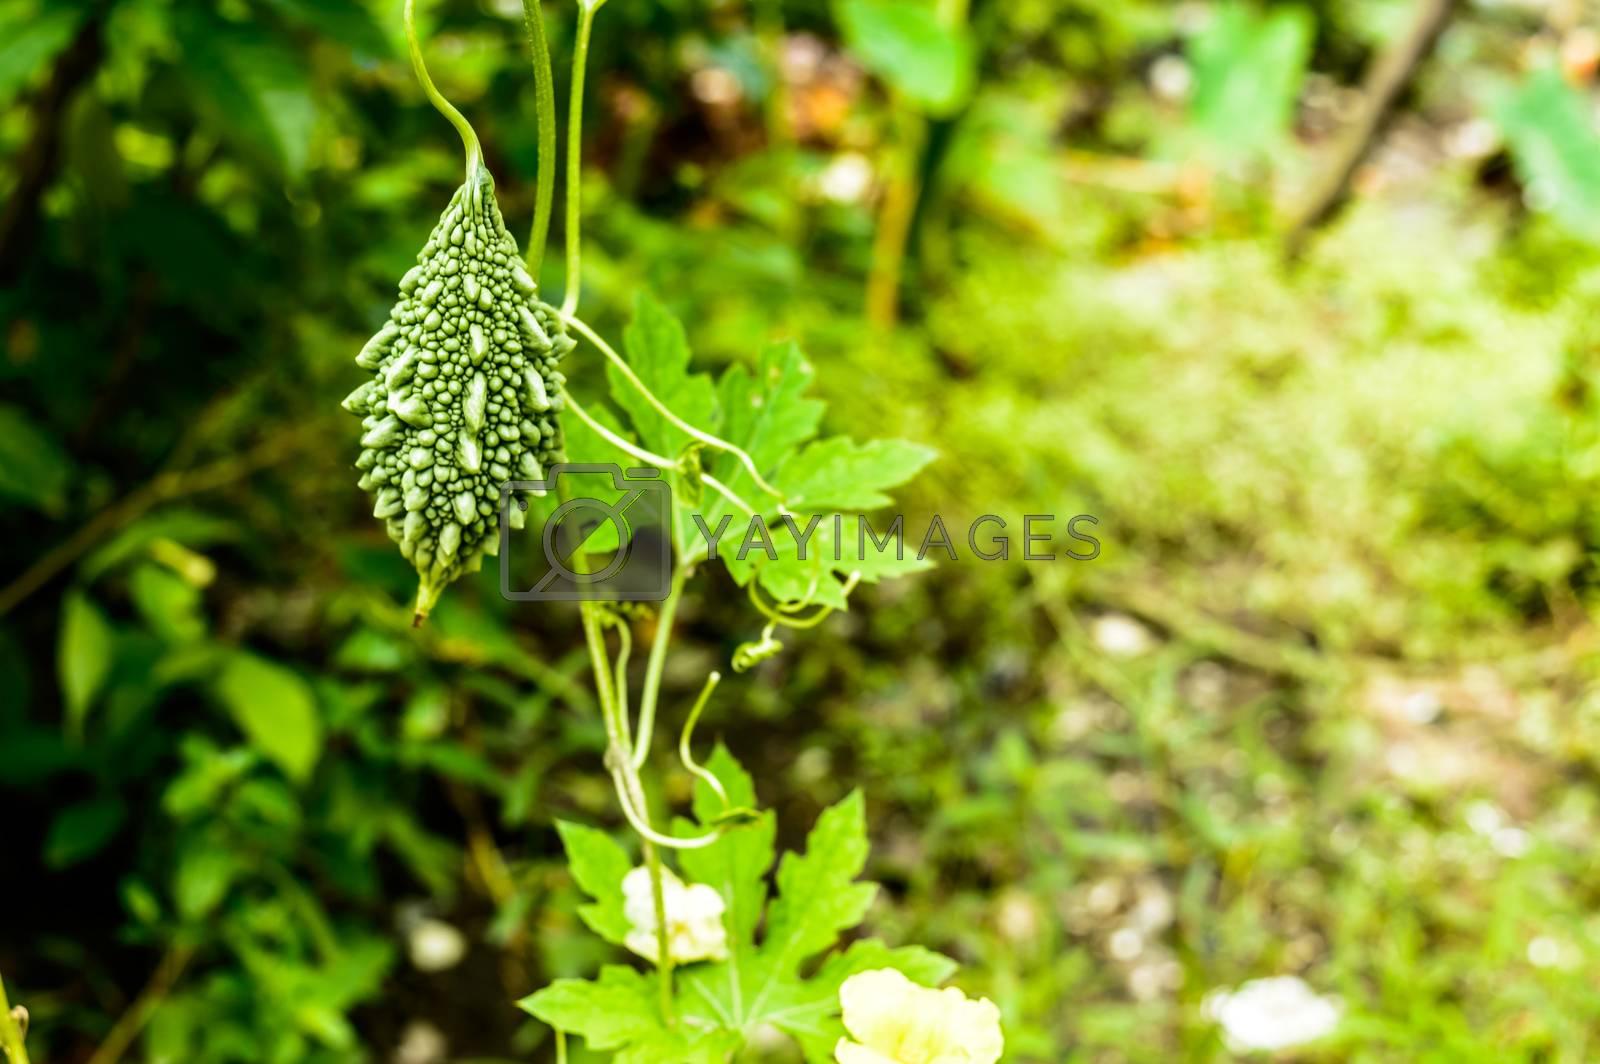 Bitter melon Plant (Karela). Momordica charantia. Growing Bitter Gourd in vegetable garden. Desi Commodity Hybrid Karela Seed. The most bitter taste of all edible fruit.